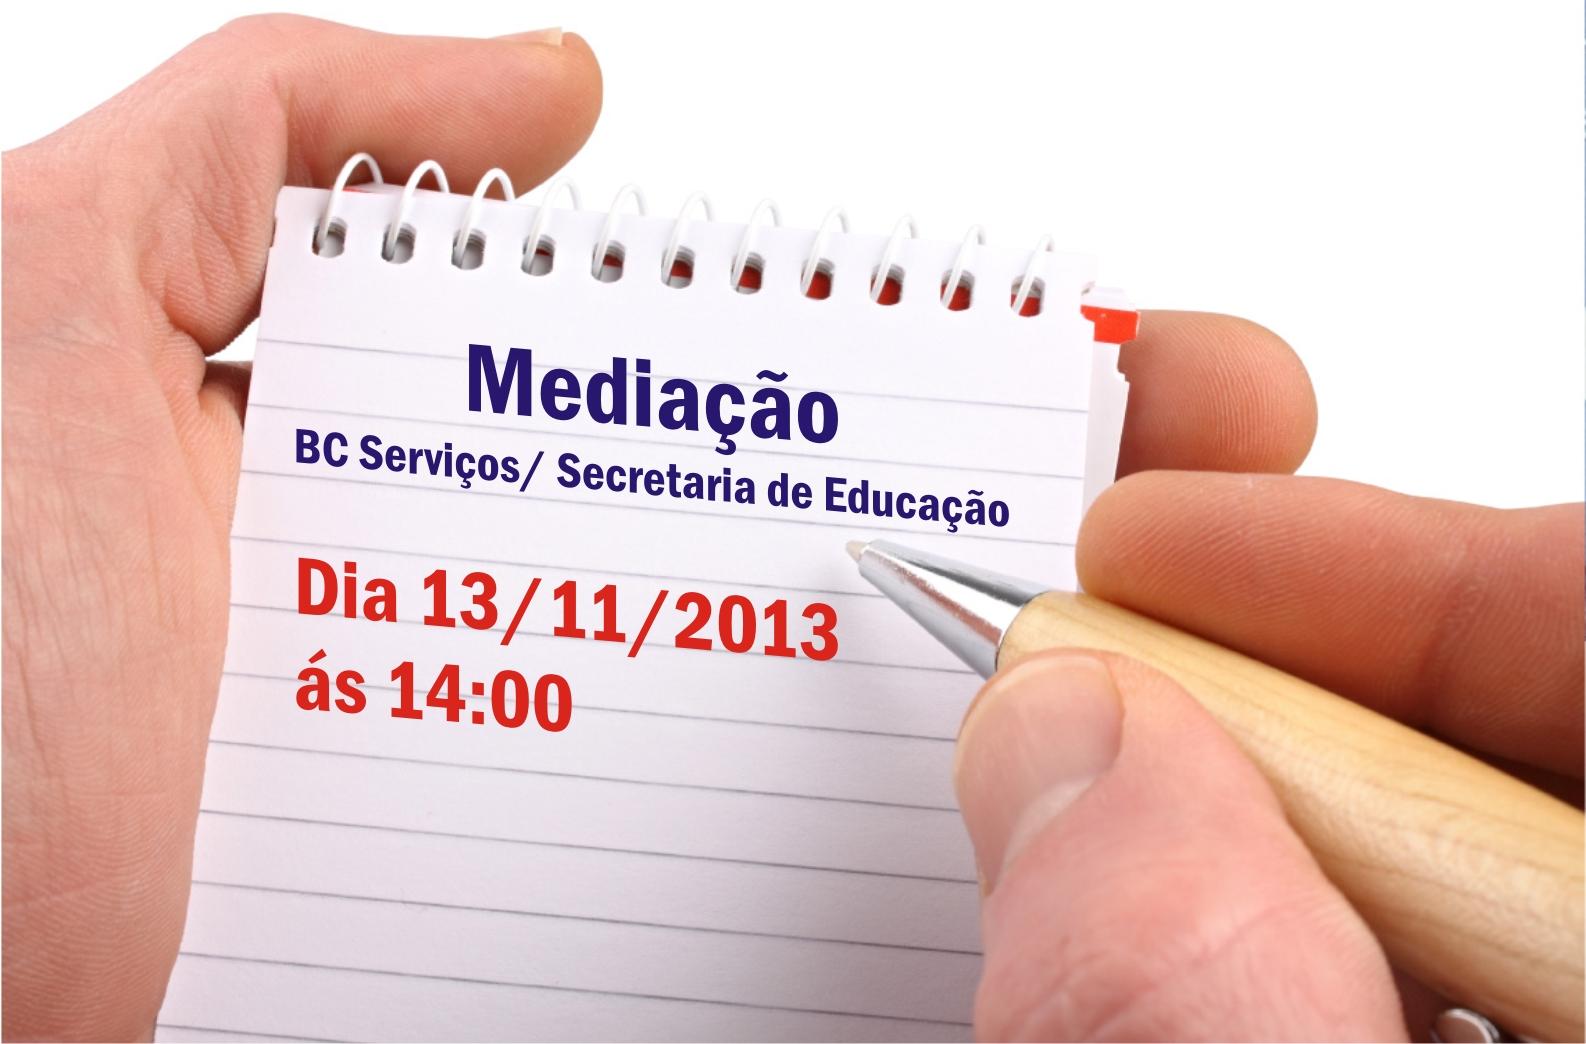 Informativo Jurídico: Mediação BC Serviços/ Secretaria de Educação